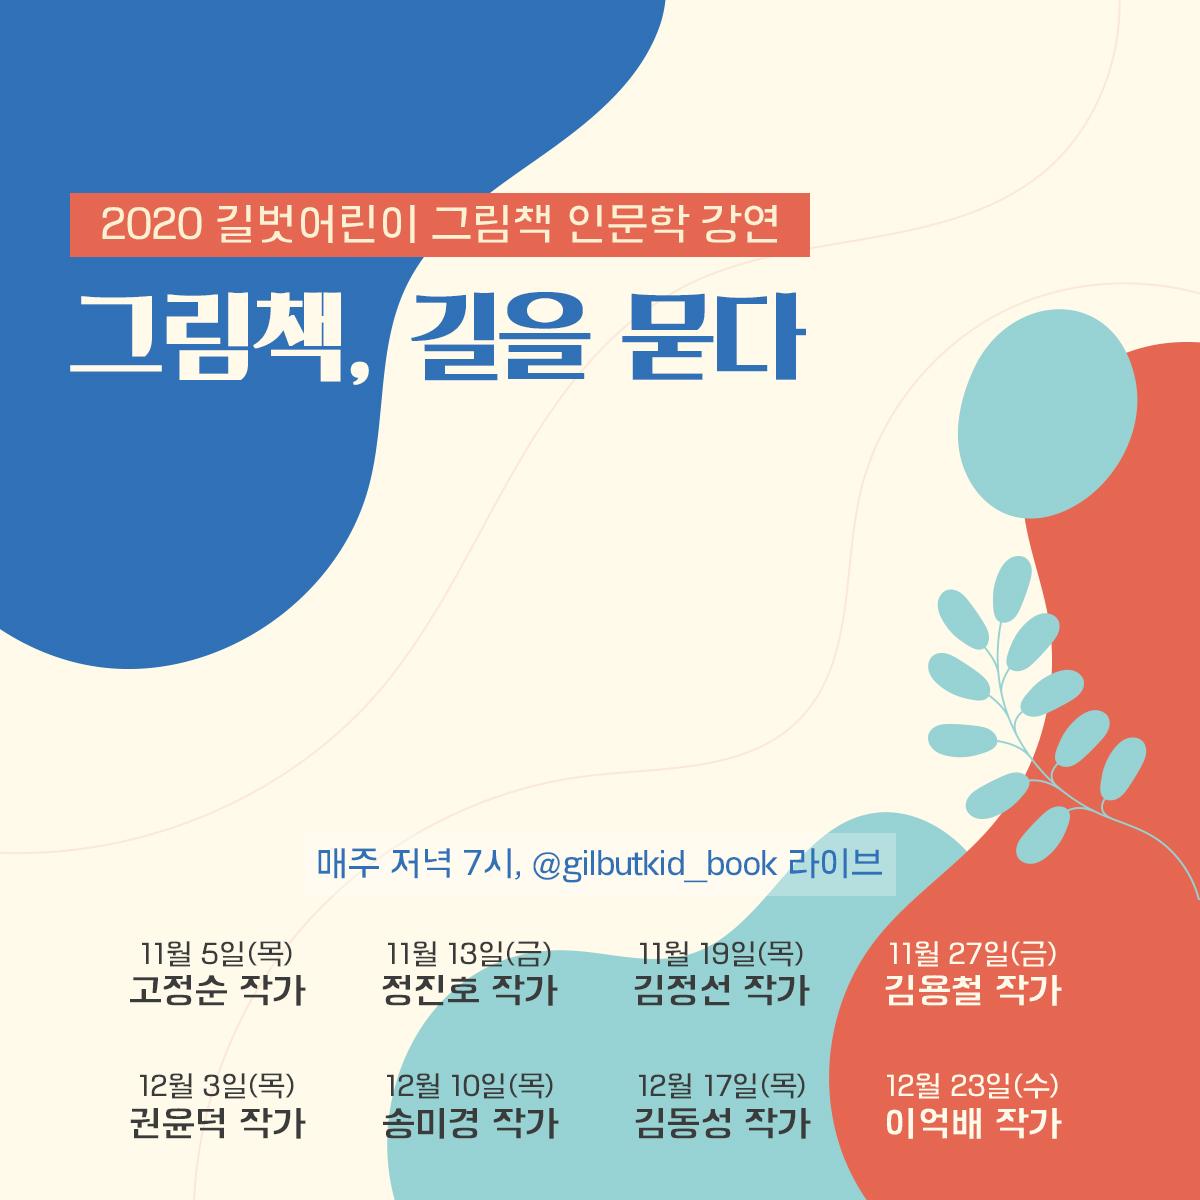 2020 길벗어린이 그림책 인문학 강연  [그림책, 길을 묻다] (11/5~12/23)